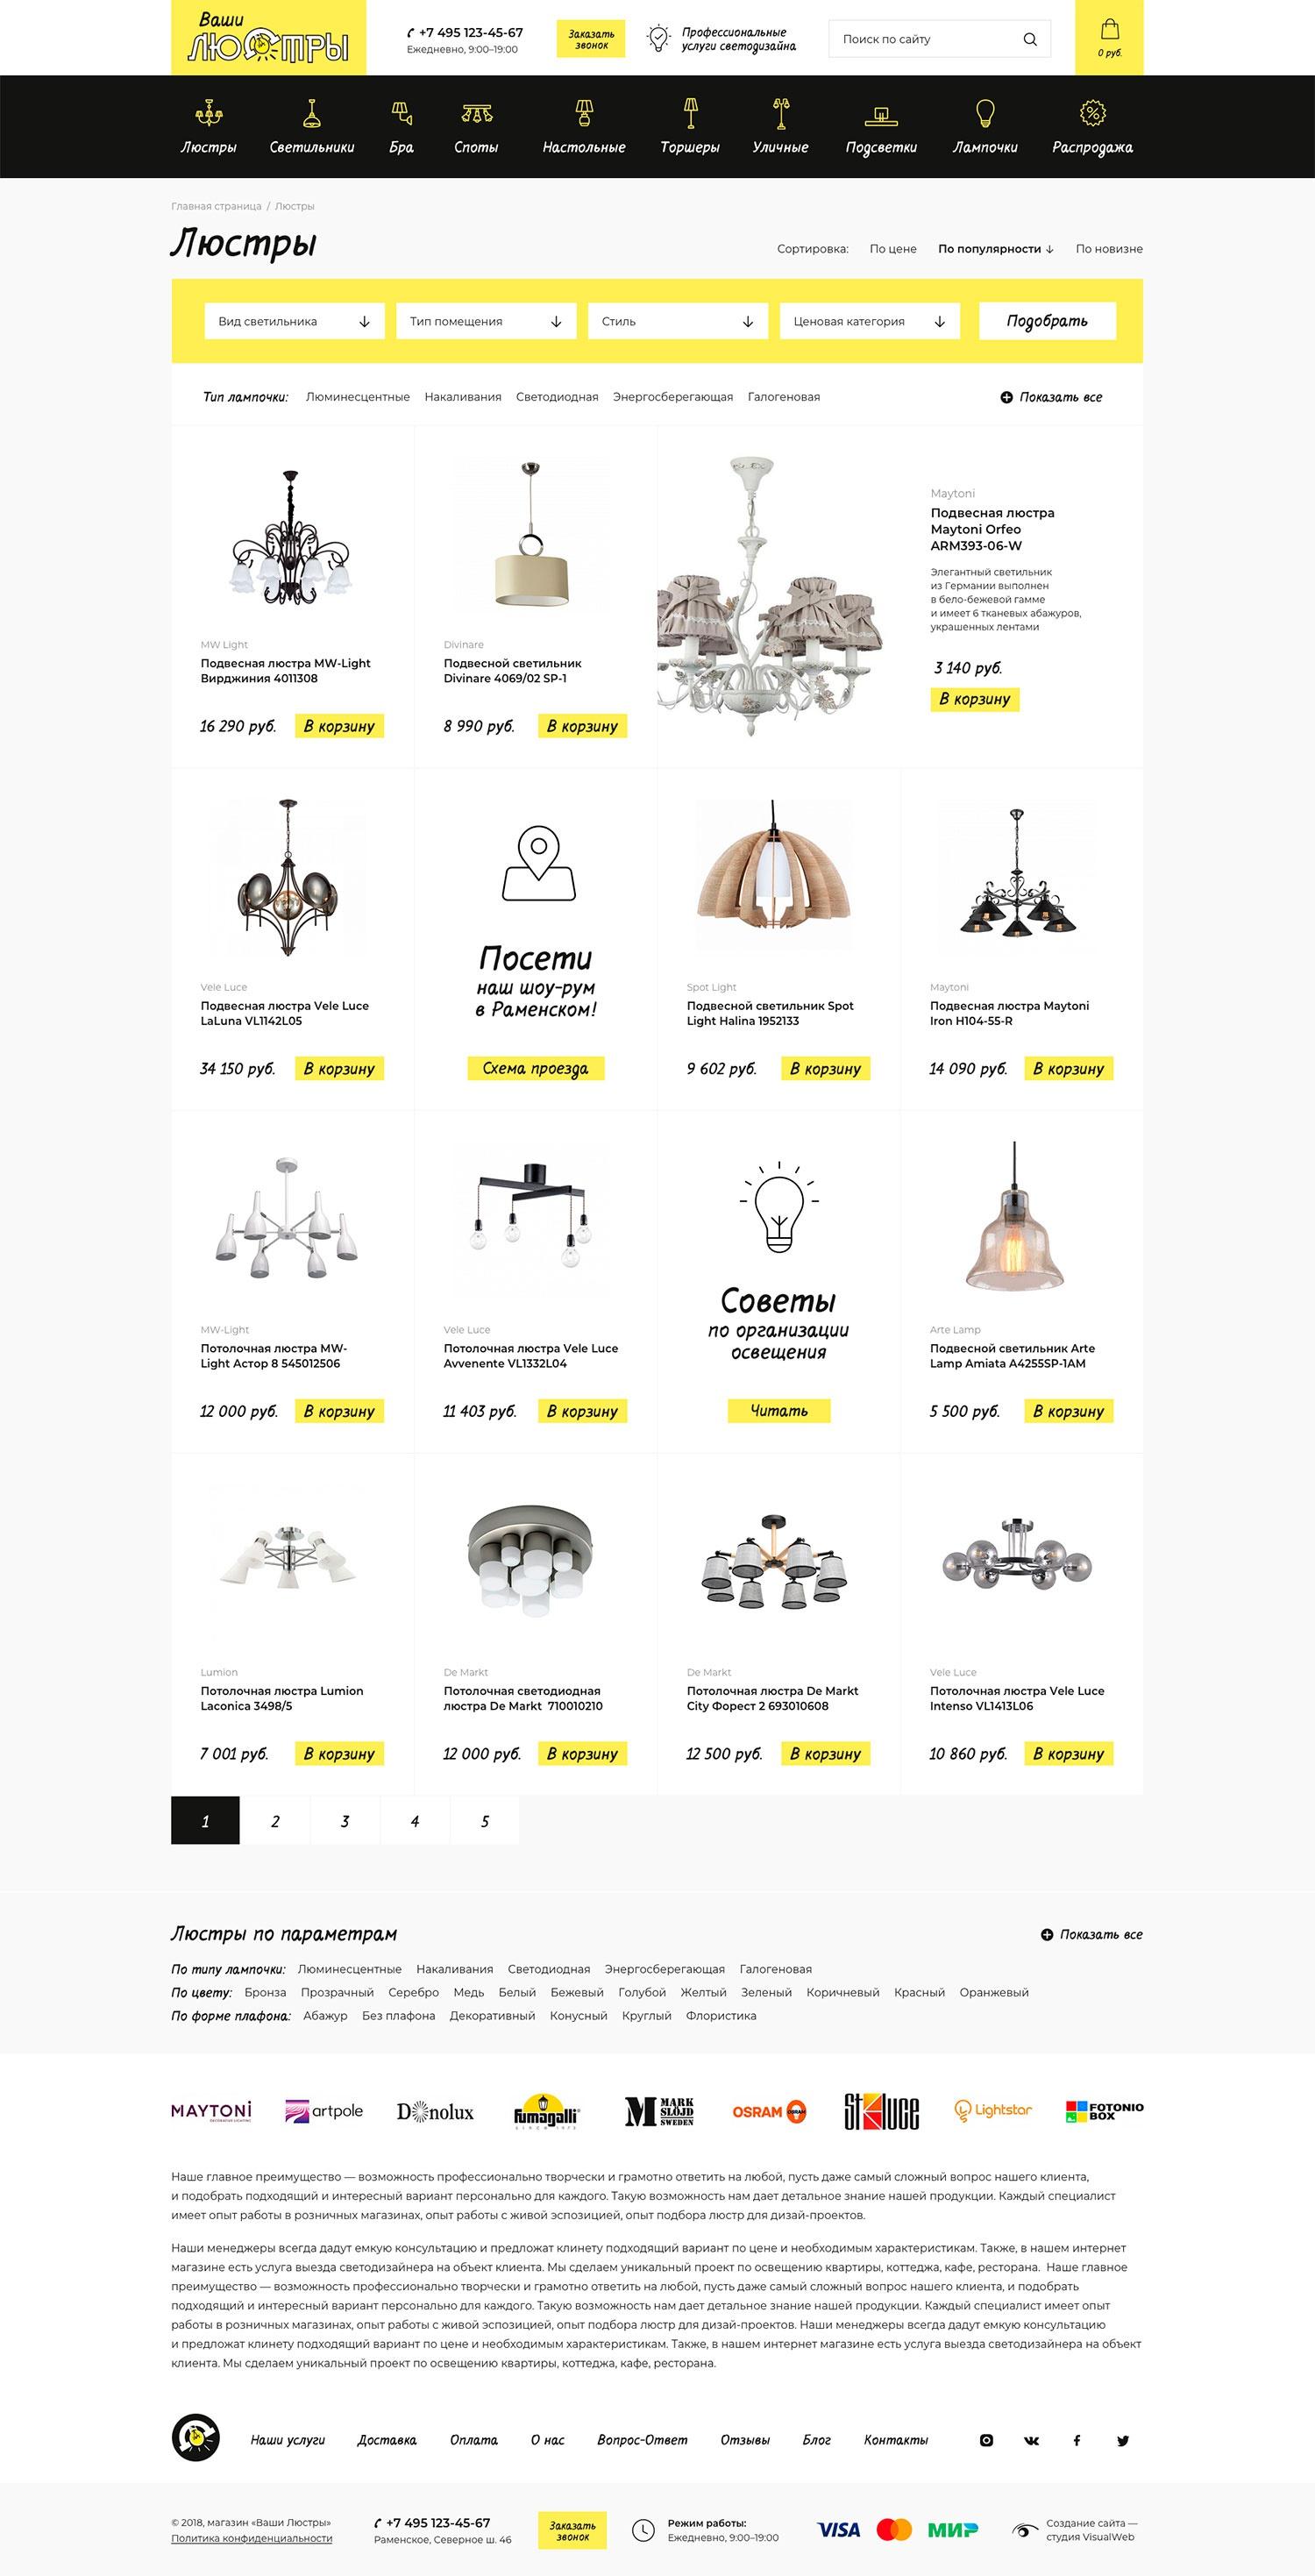 Интернет-магазин светильников Ваши люстры